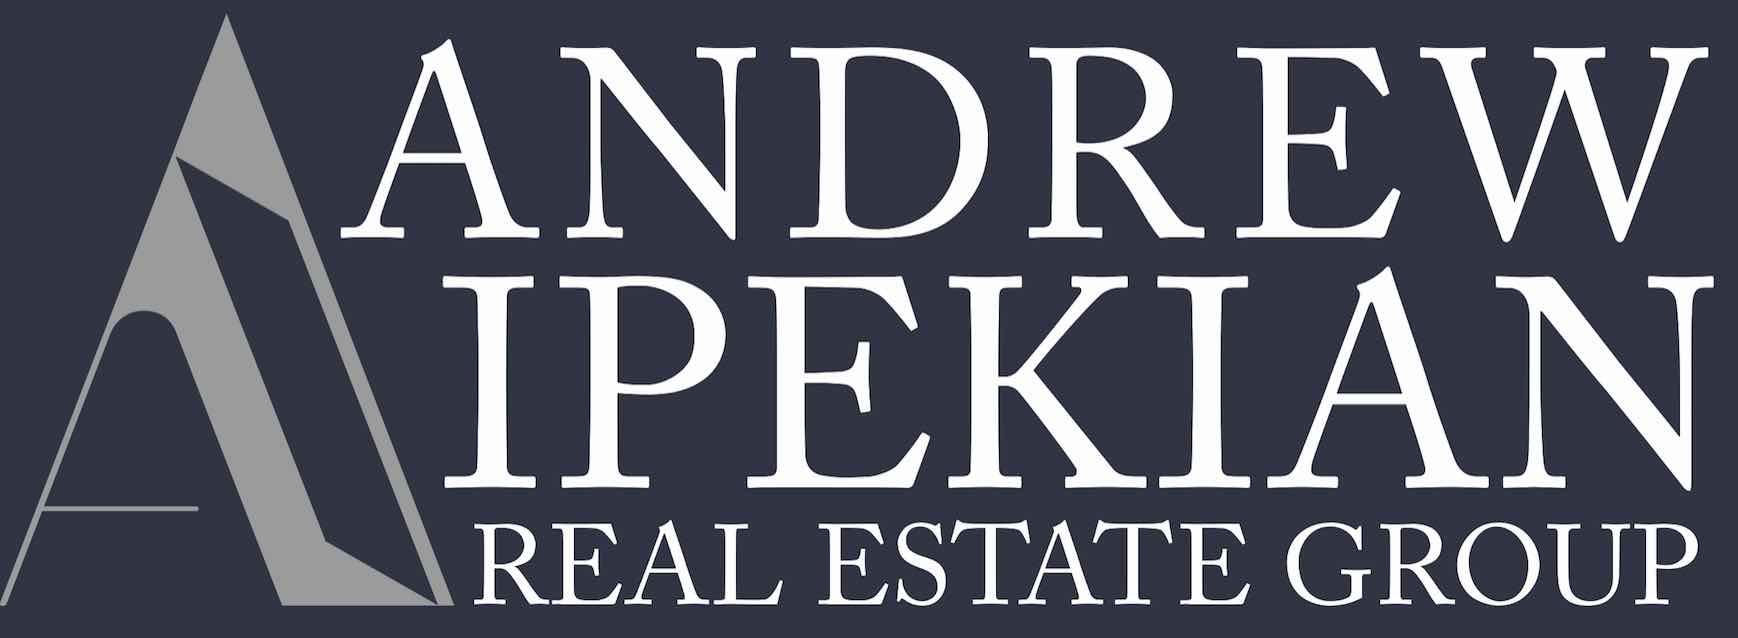 Keller Williams Referred Urban Realty, Brokerage